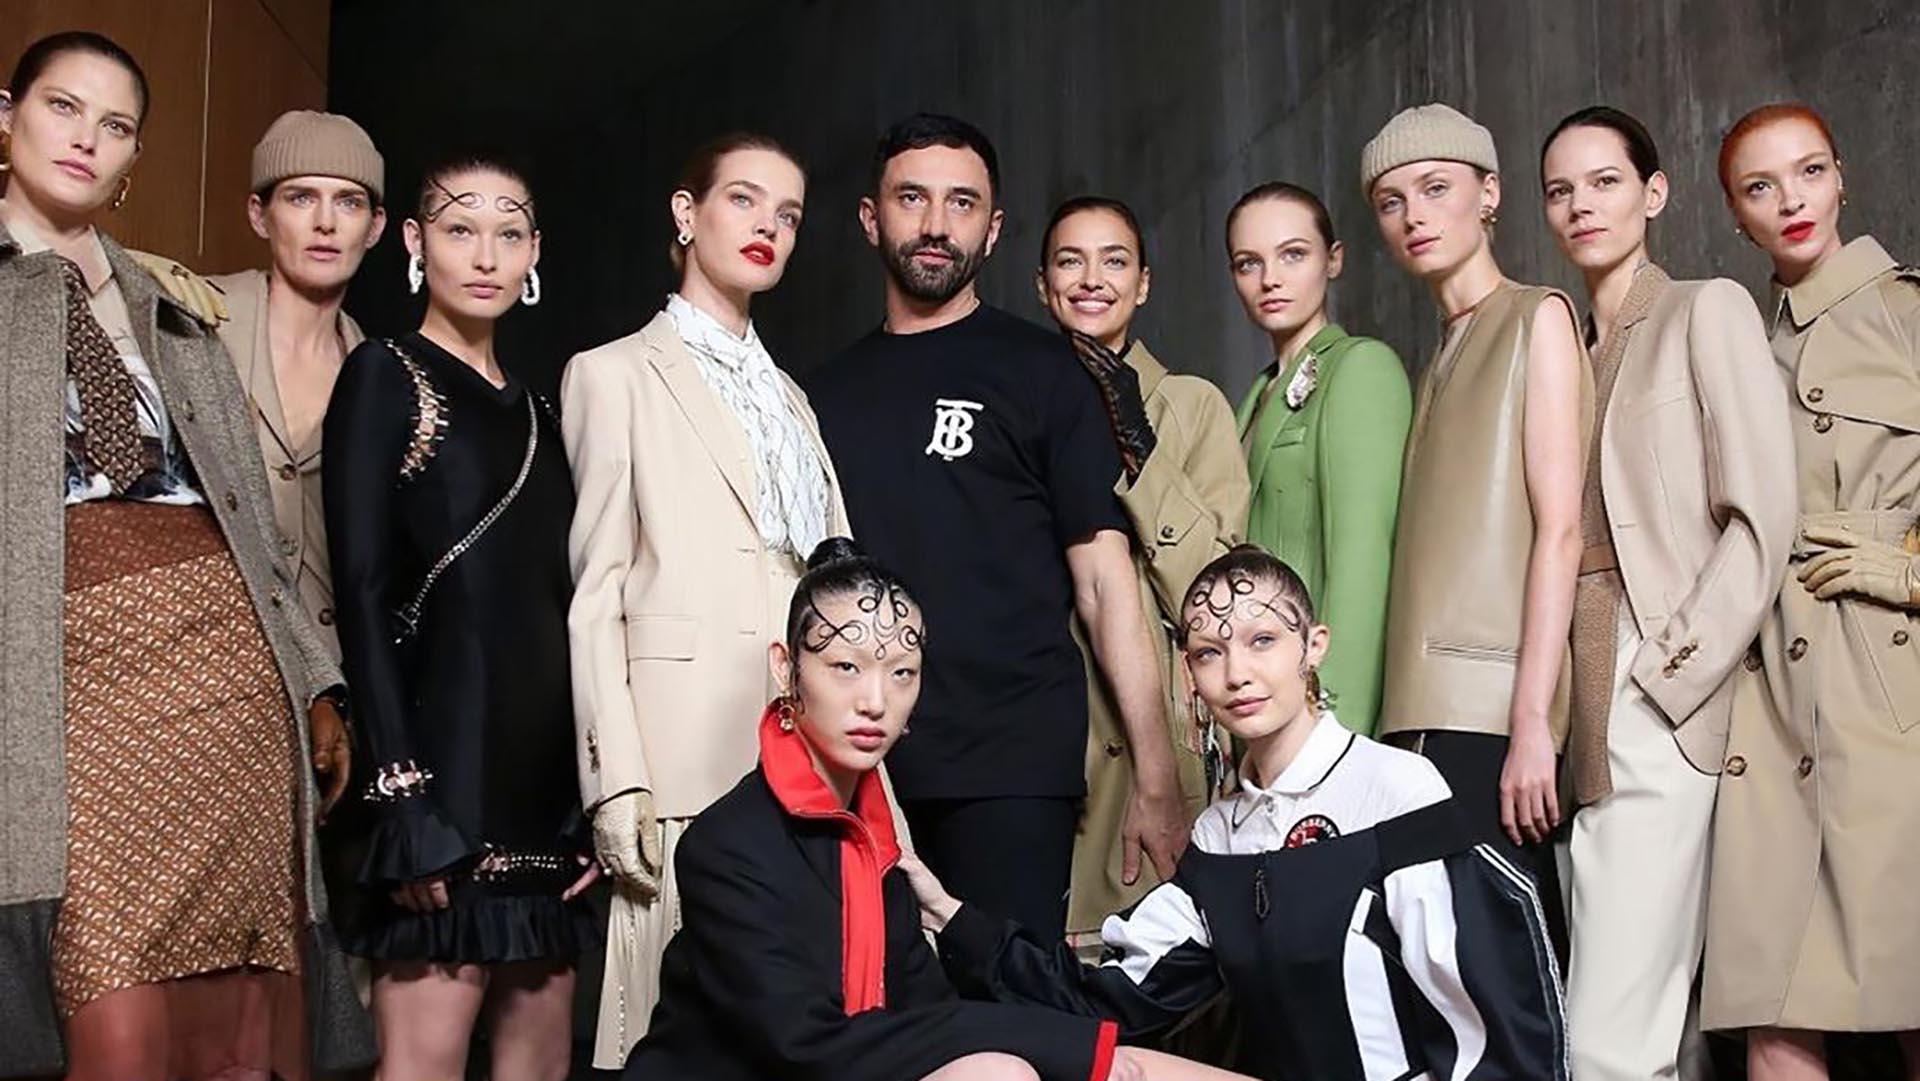 Ricardo Tisci y las modelos que participaron del desfile de Burberry en la semana de la moda de Londres (@riccardotisci17)